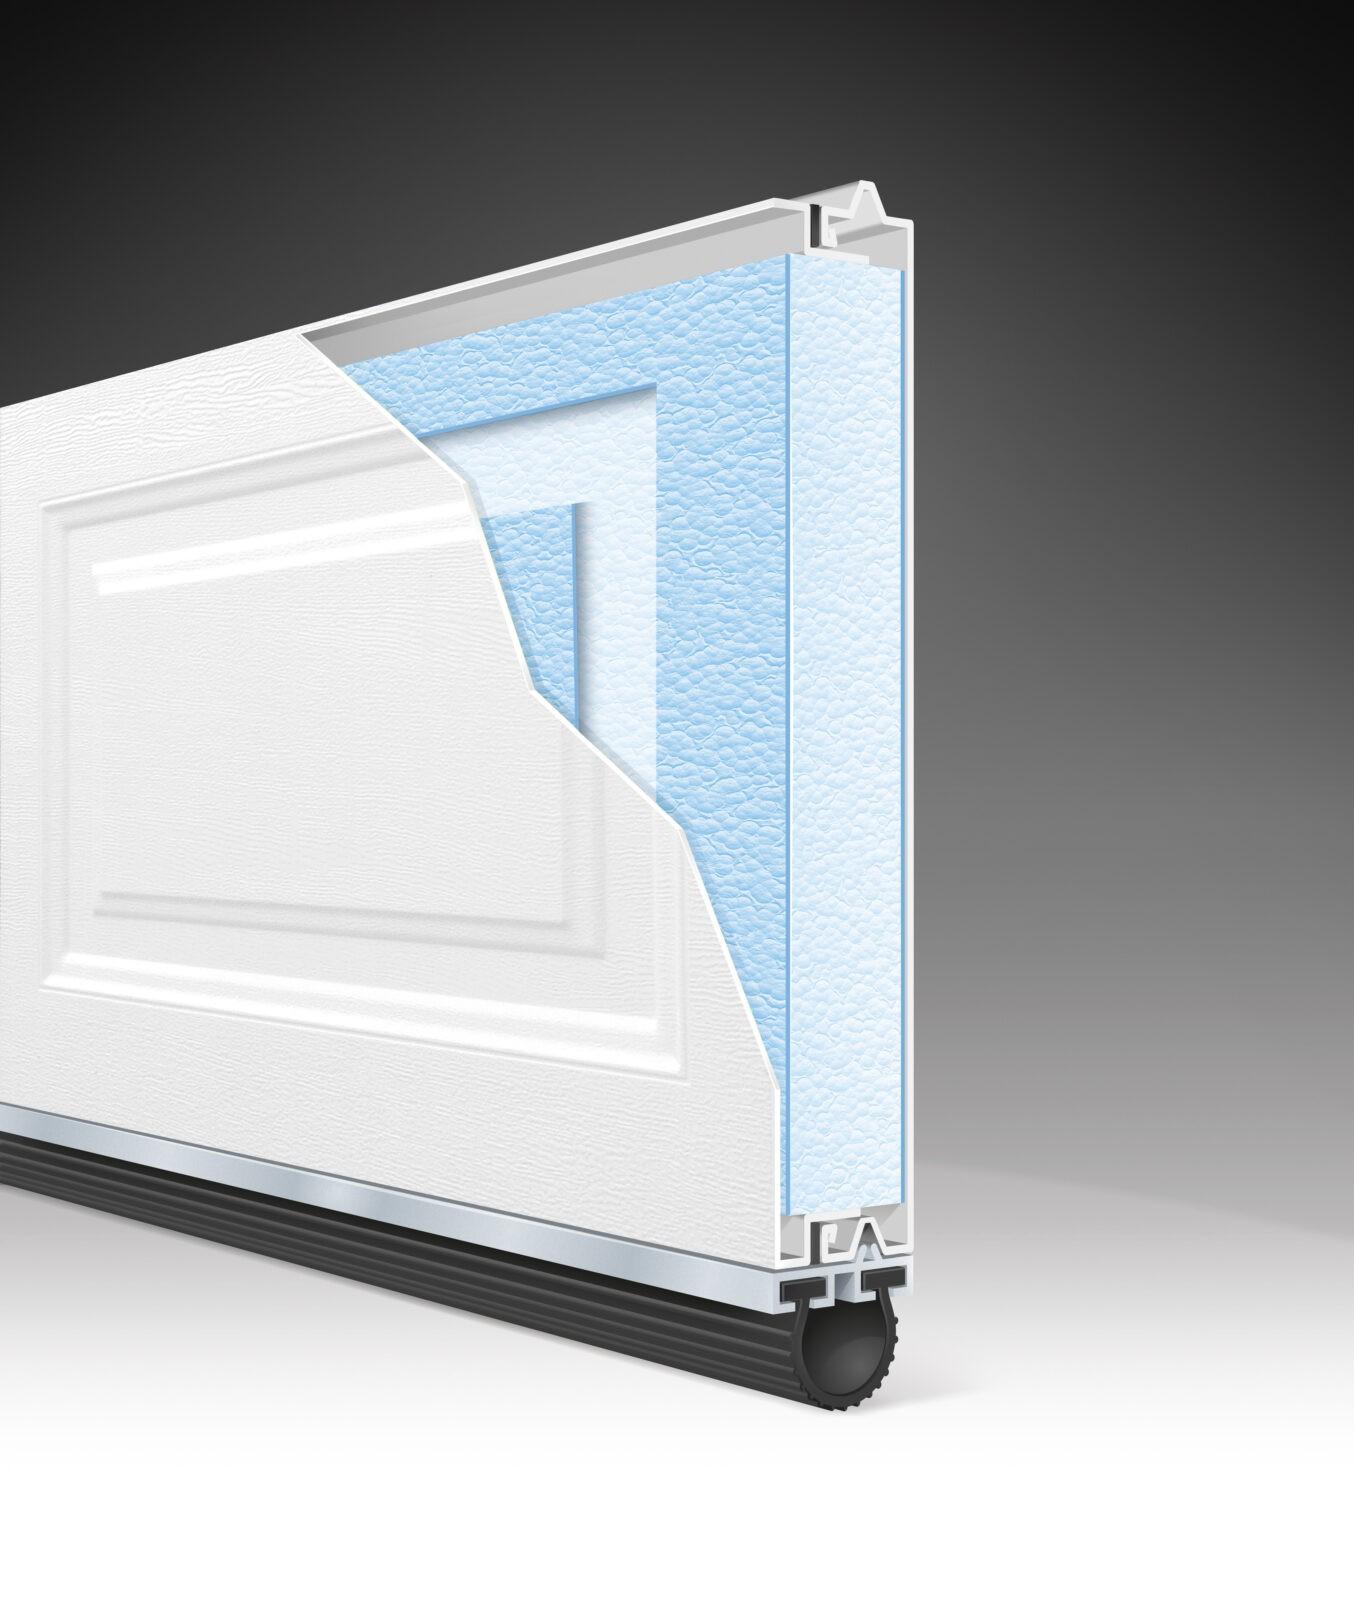 CLASSIC GARAGE DOOR STYRENE 2.0 CUTAWAY